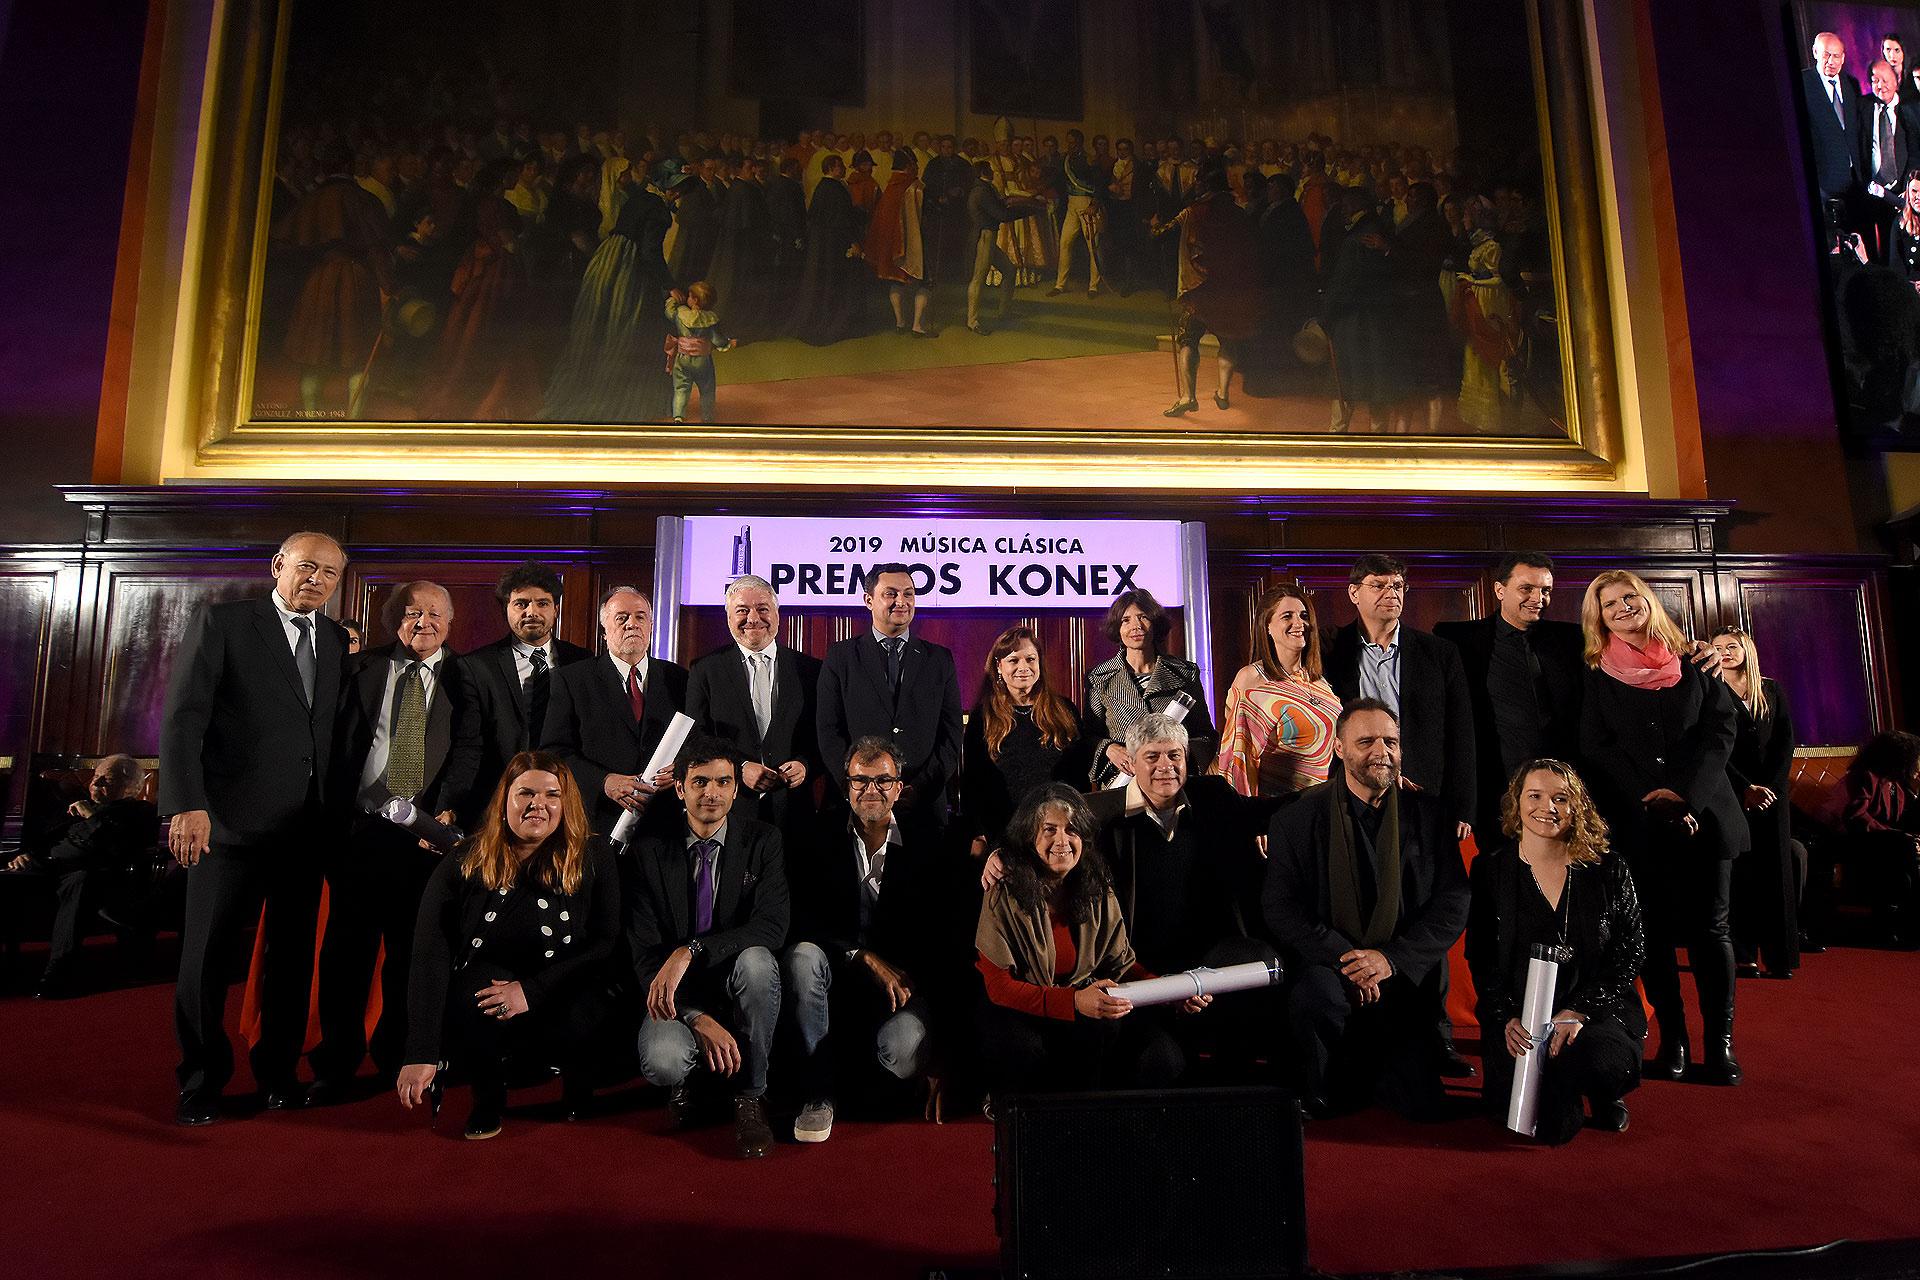 En la disciplina Coro, los representantes del Coro de Cámara de Córdoba, El coro Estable del Teatro Colón, Coro Nacional de Jóvenes, polifónico de Santa Fe y Tous Ensemble